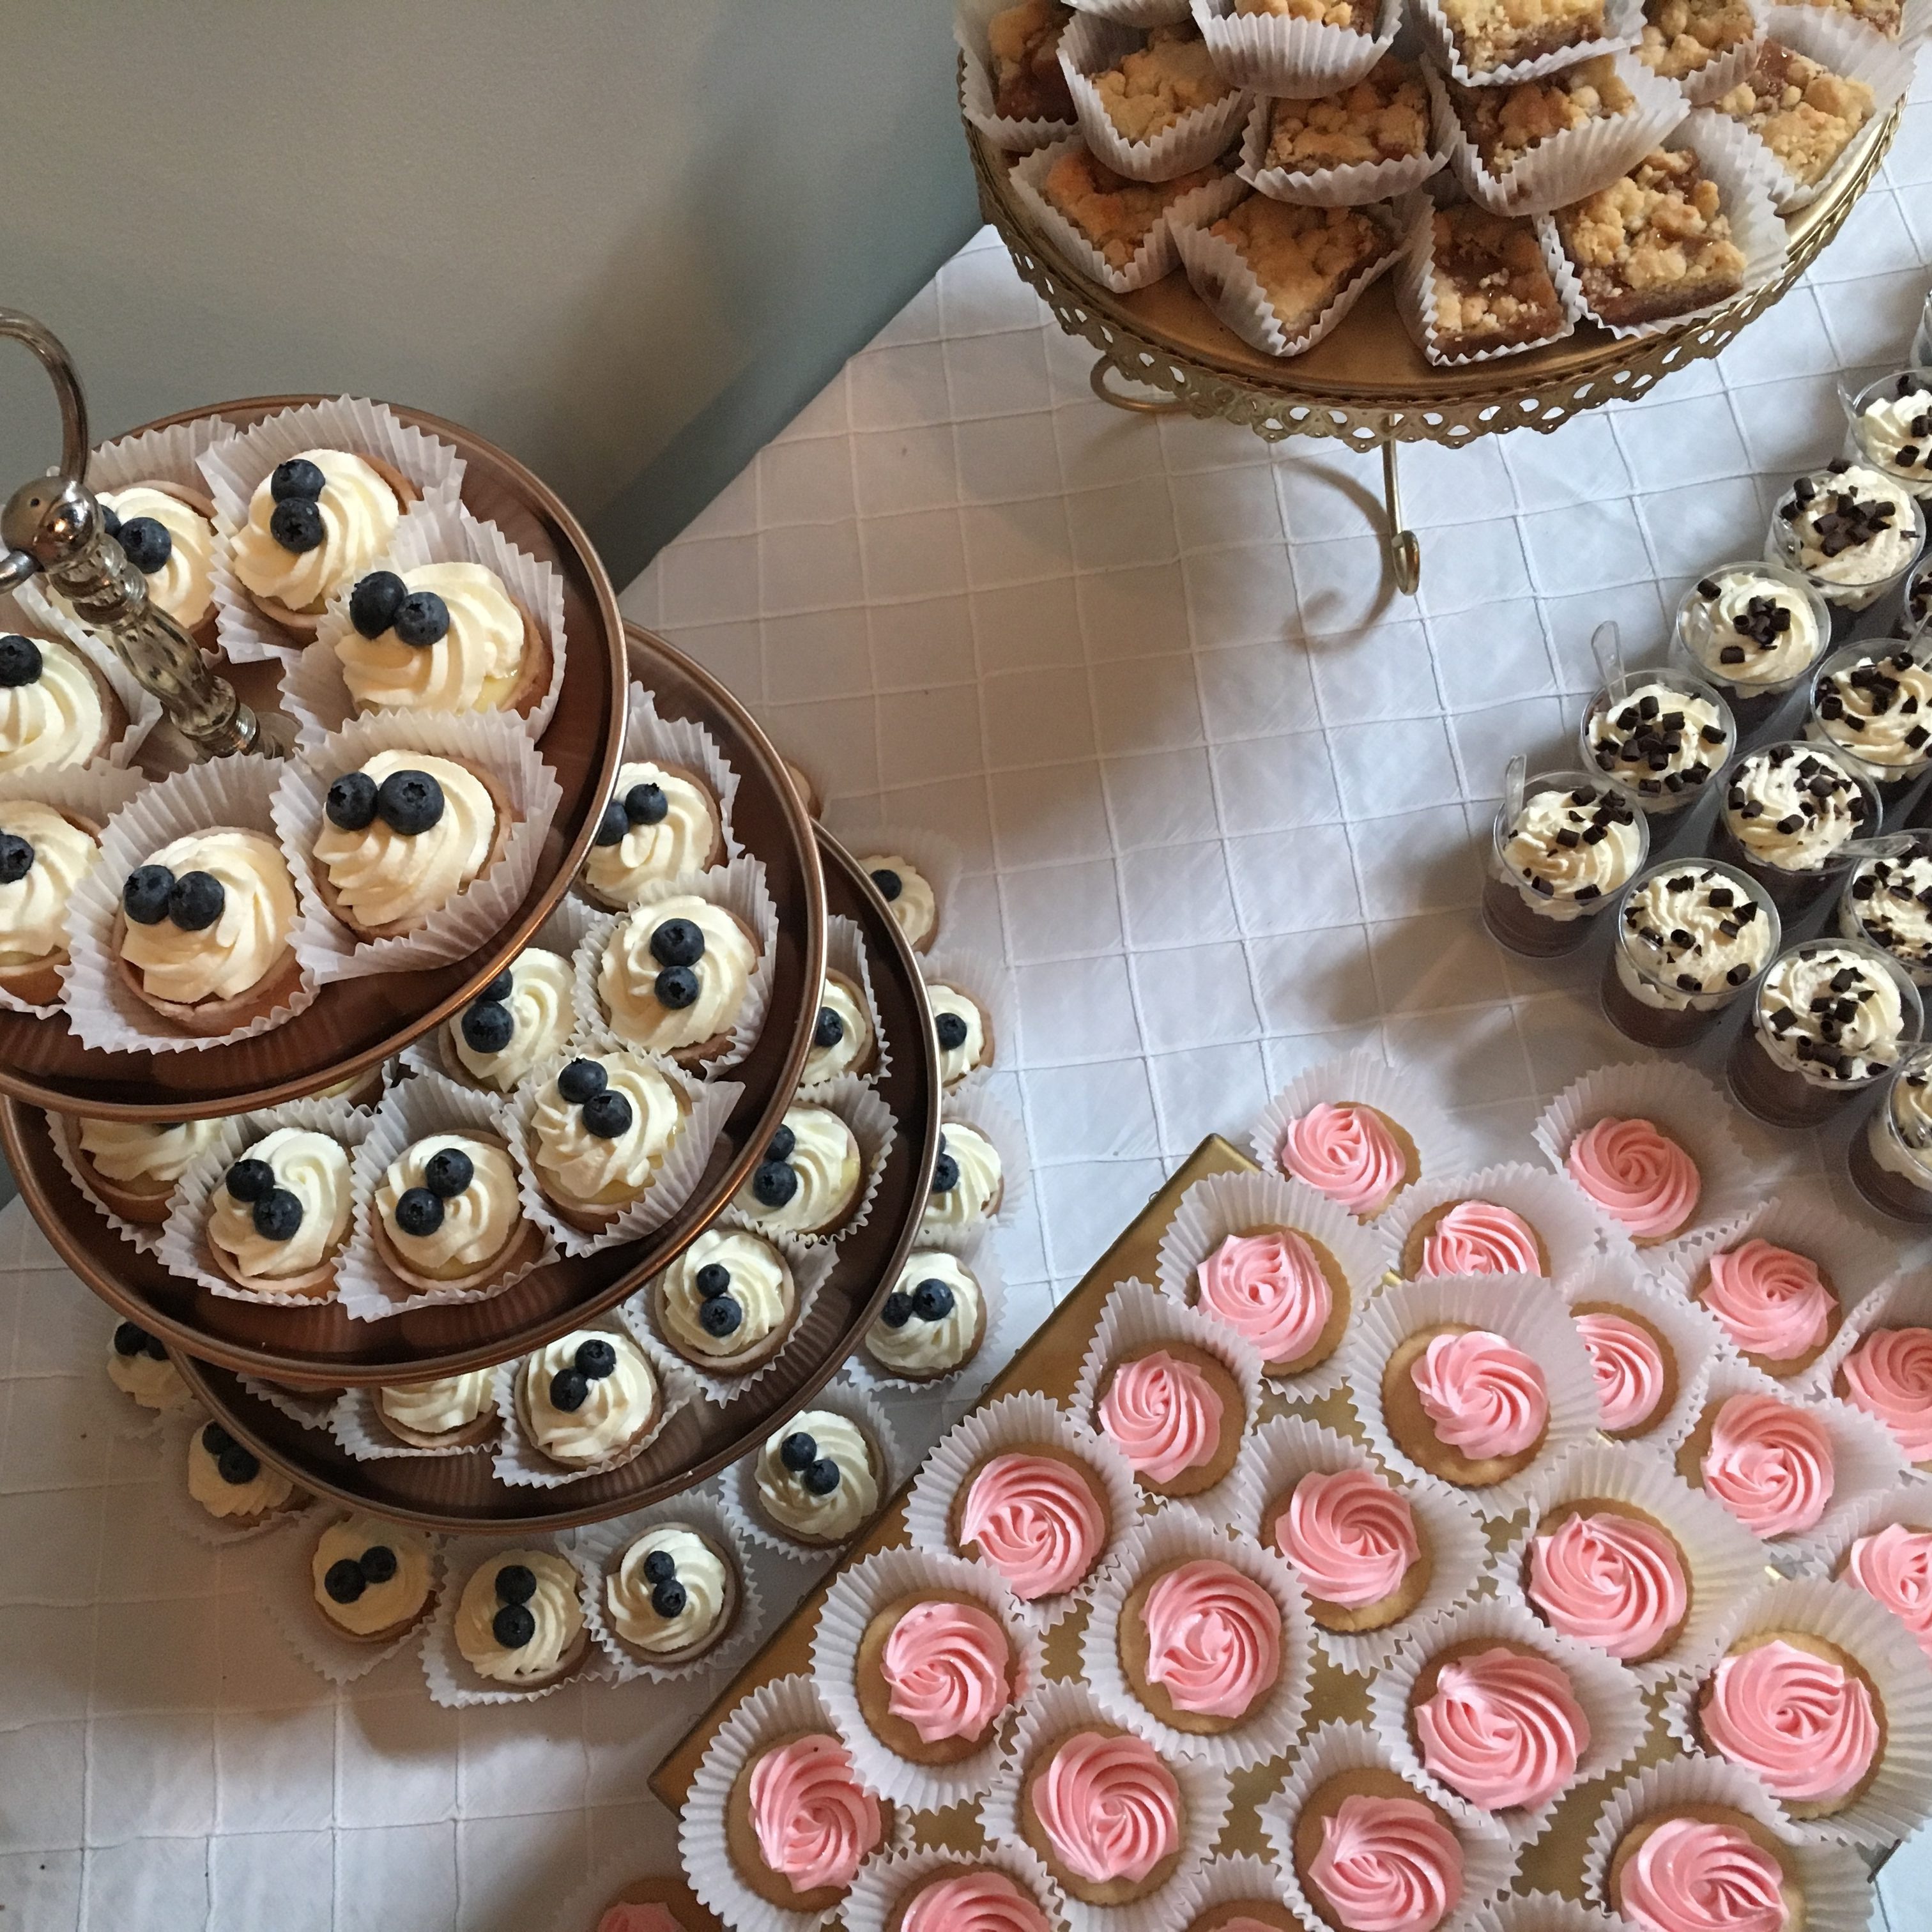 http://delicatelydelicious.com/wp-content/uploads/2019/05/Dessert-Table-1-e1557248376640.jpg